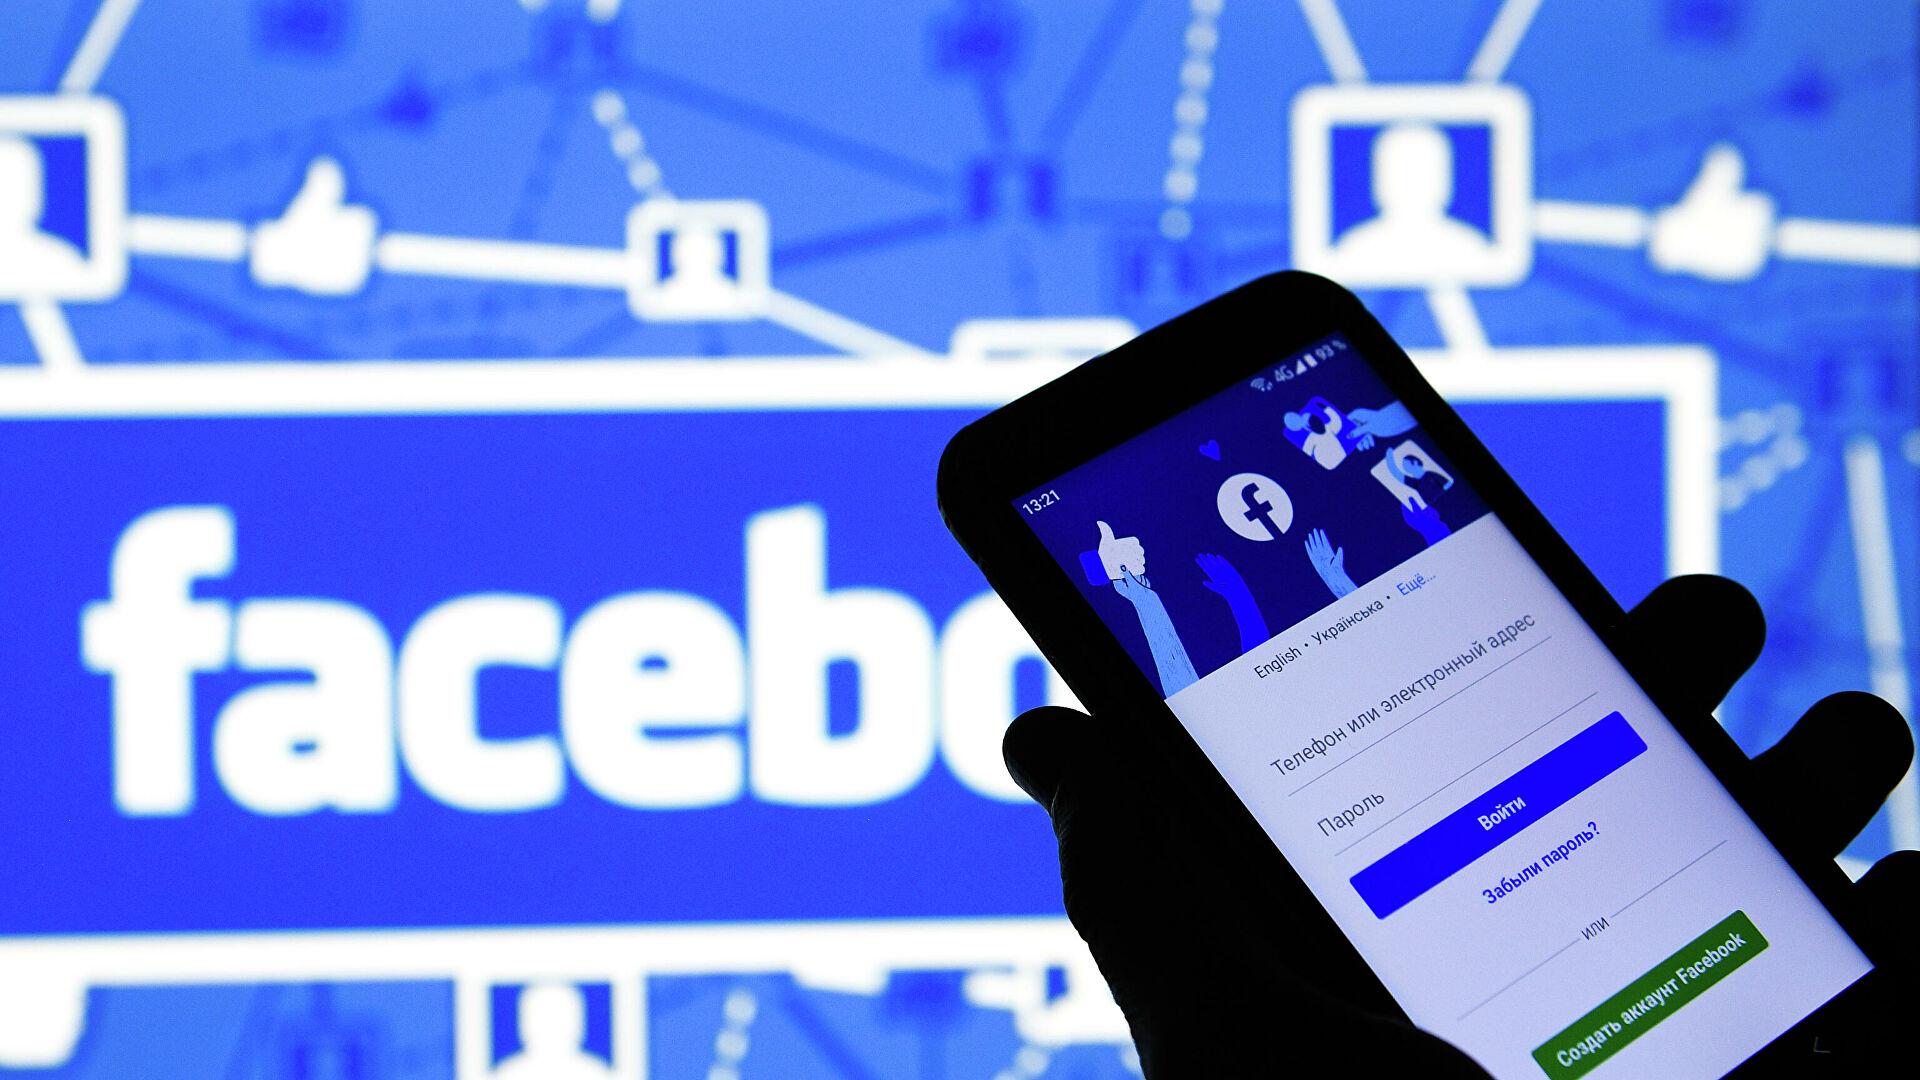 Количество скачиваний мобильного клиента Facebook сократилось почти на треть